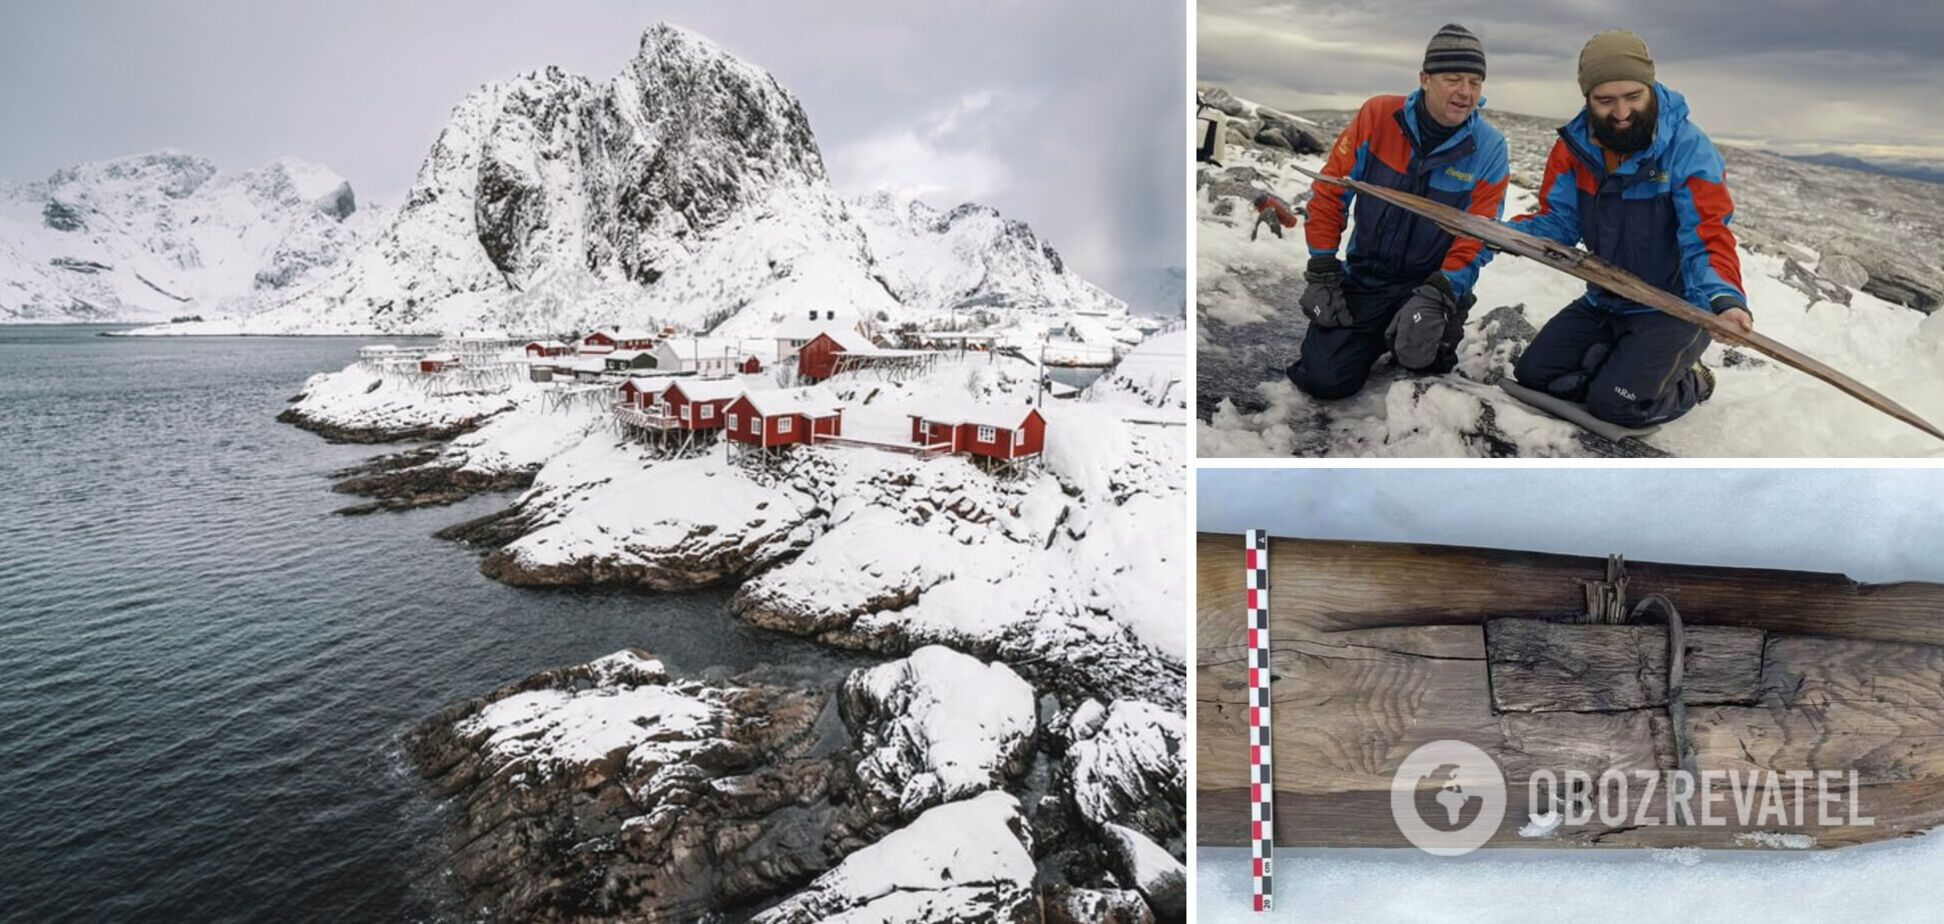 У Норвегії археологи знайшли у кризі лижі, яким більше ніж 1300 років. Фото